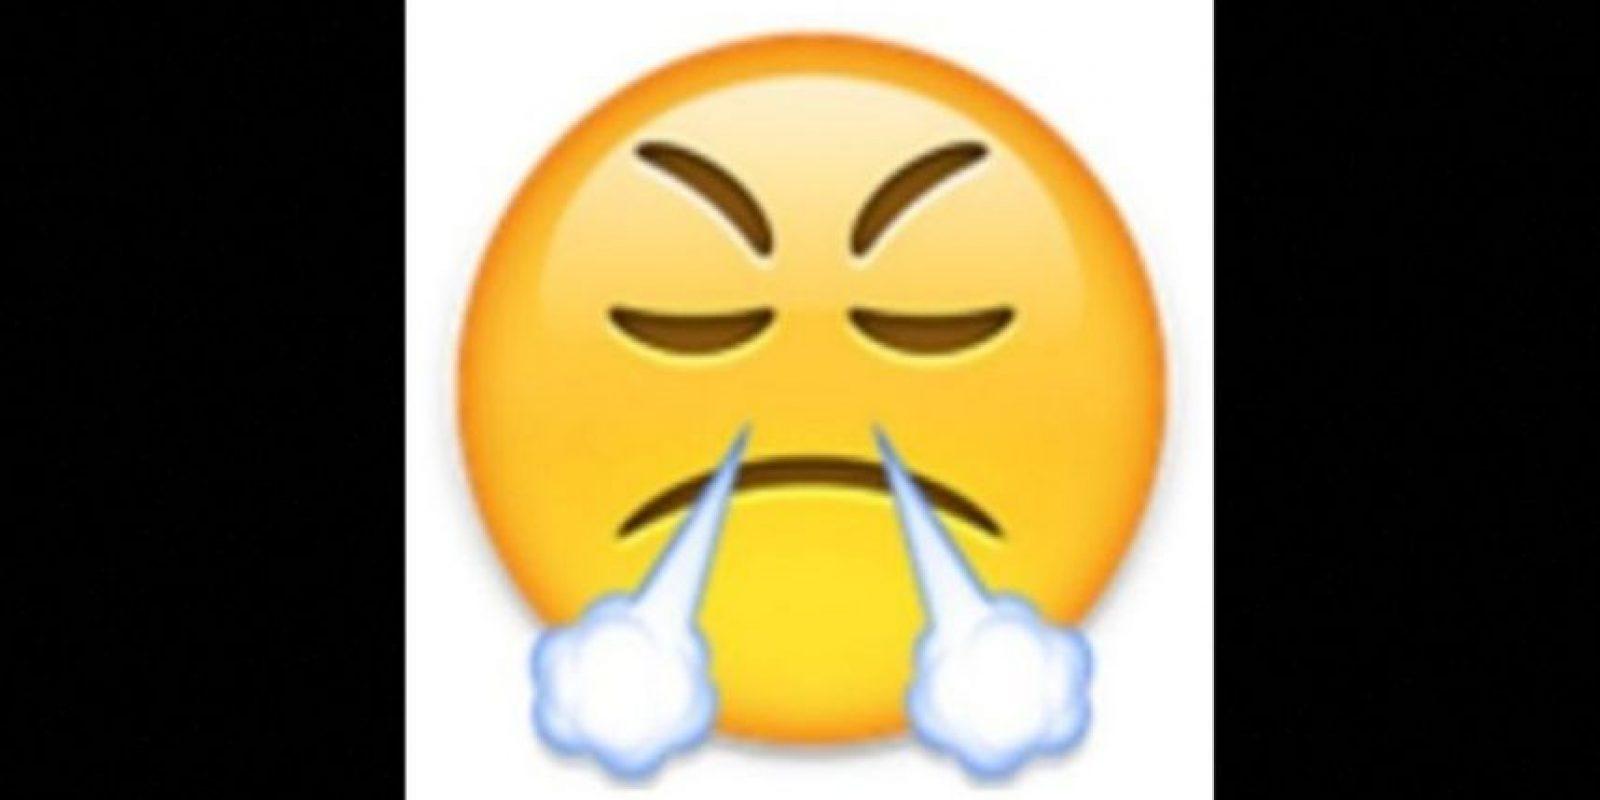 9. Utilizada comunmente para expresar enfado o frustración, en realidad es un rostro con mirada de triunfo Foto:vía emojipedia.org